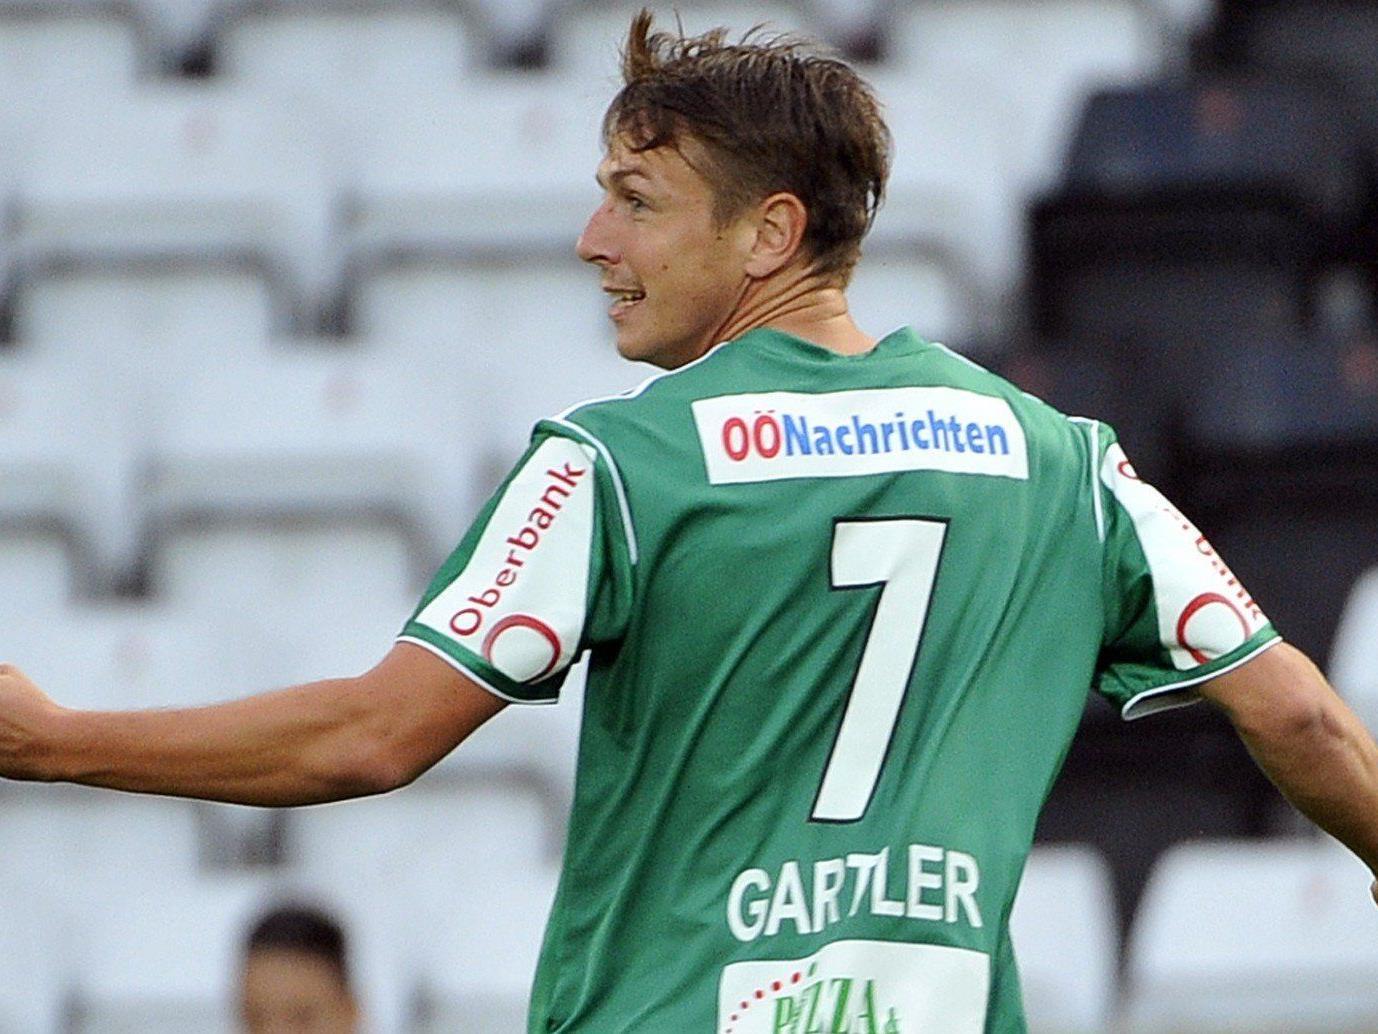 Wir berichten am Samstag ab 16.30 Uhr live vom Spiel SV Ried gegen SV Grödig im Ticker.